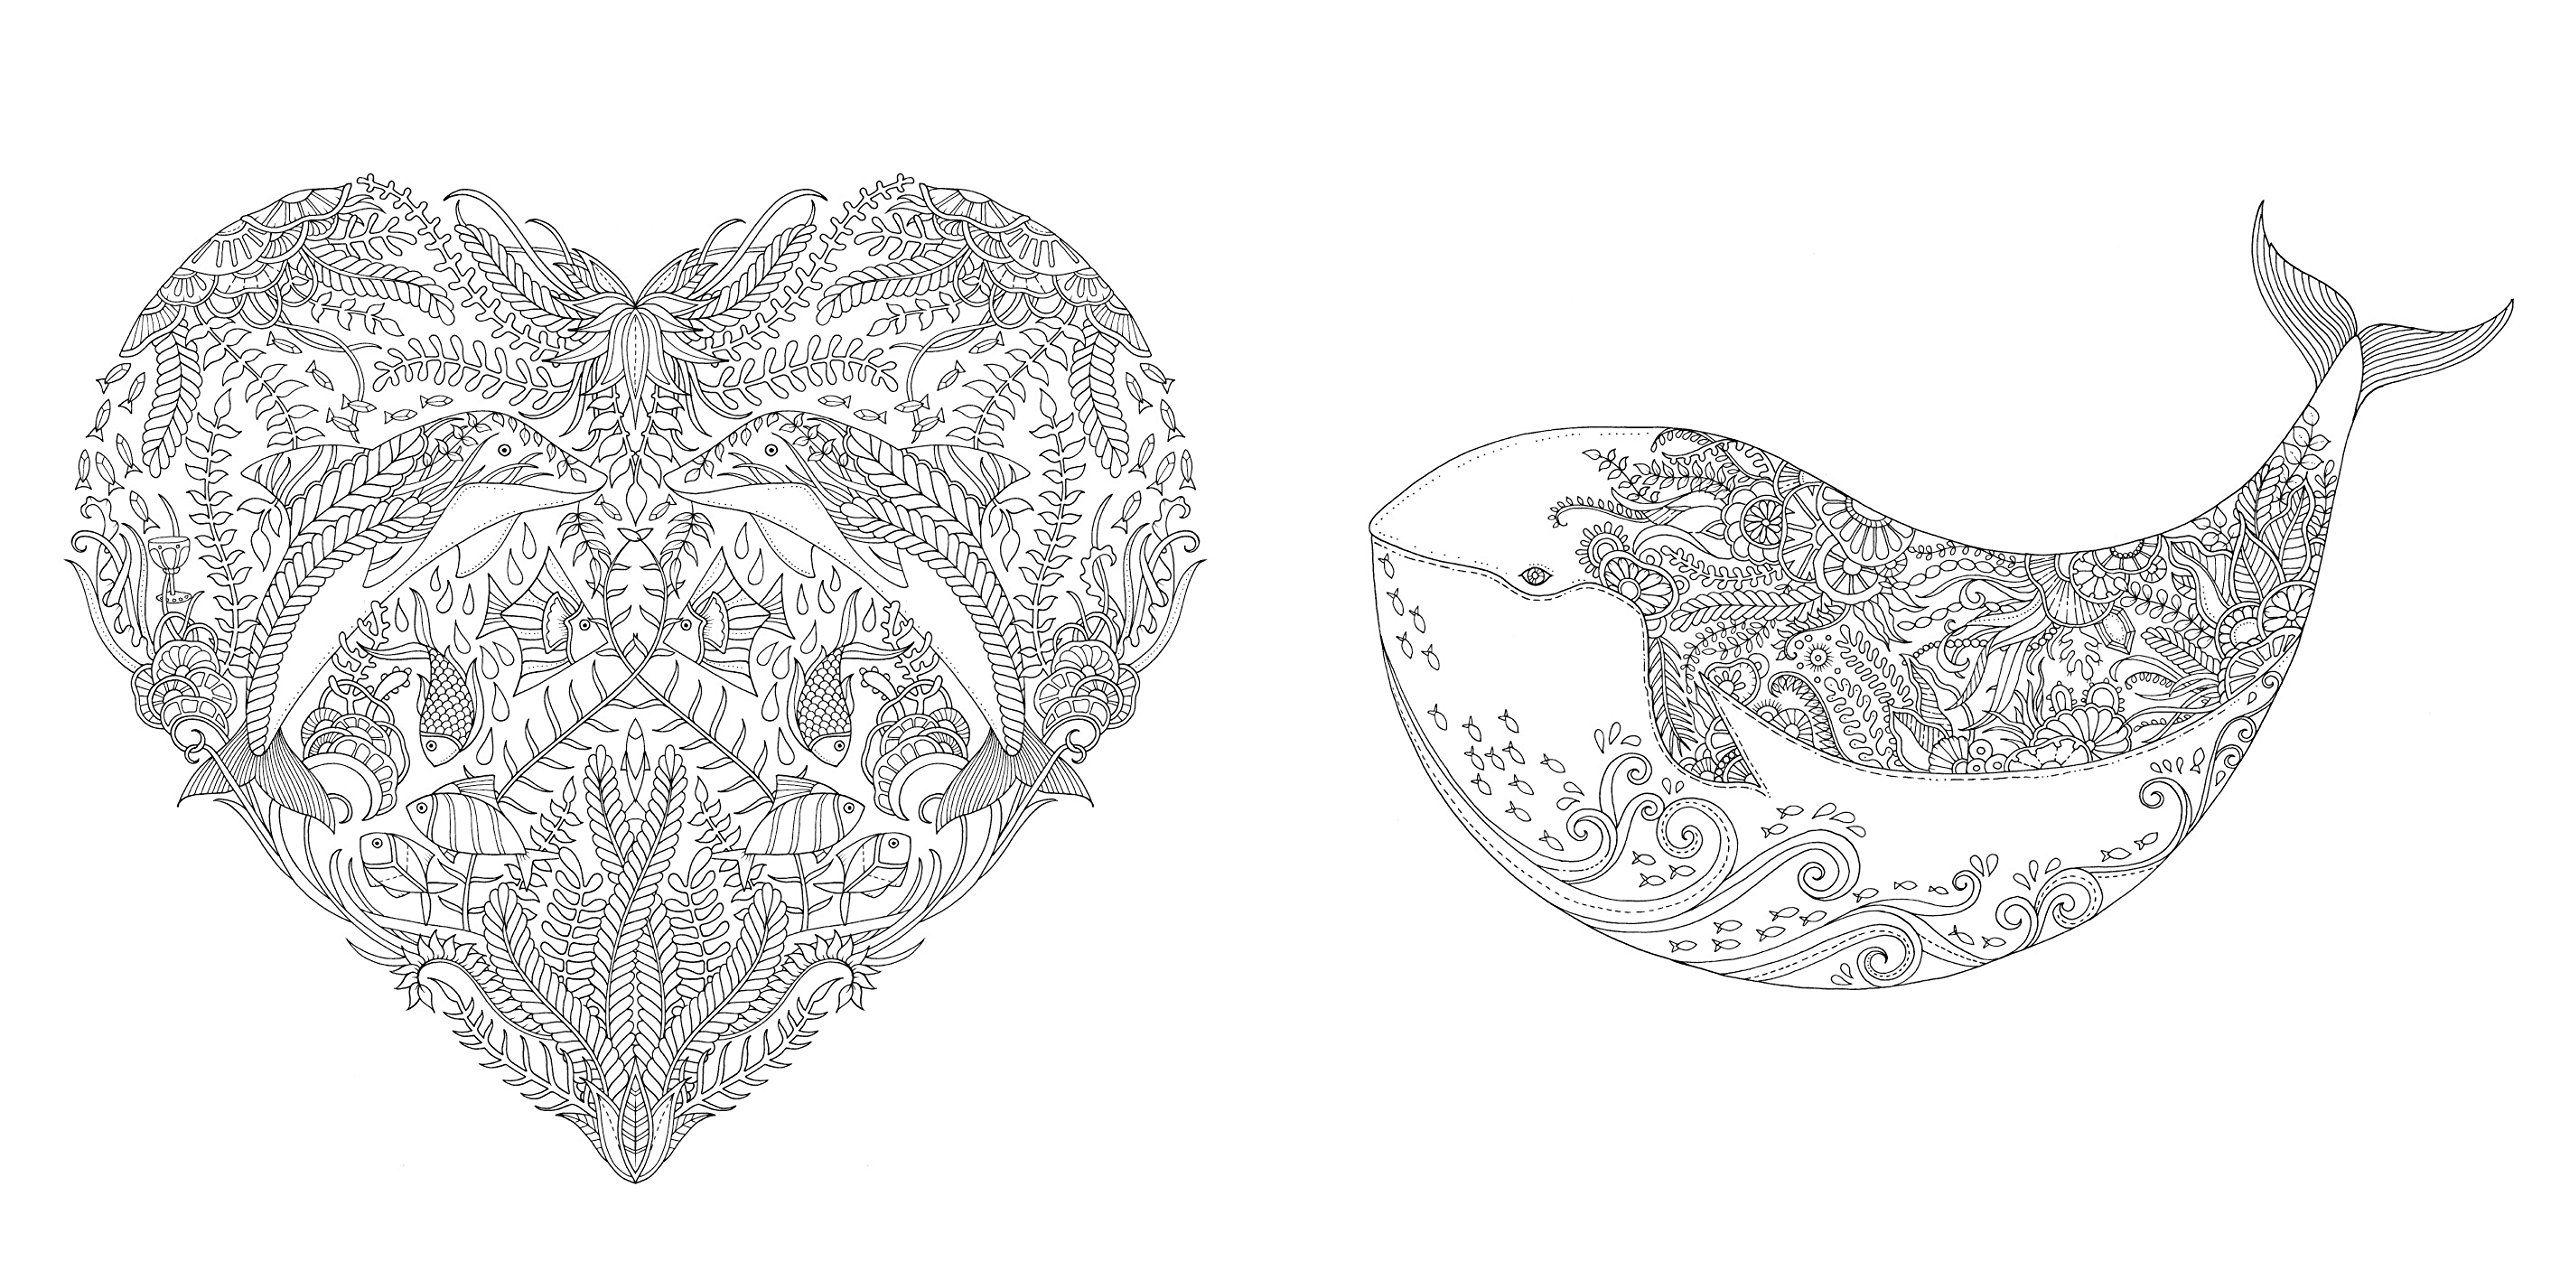 Раскраска джоанны басфорд затерянный океан